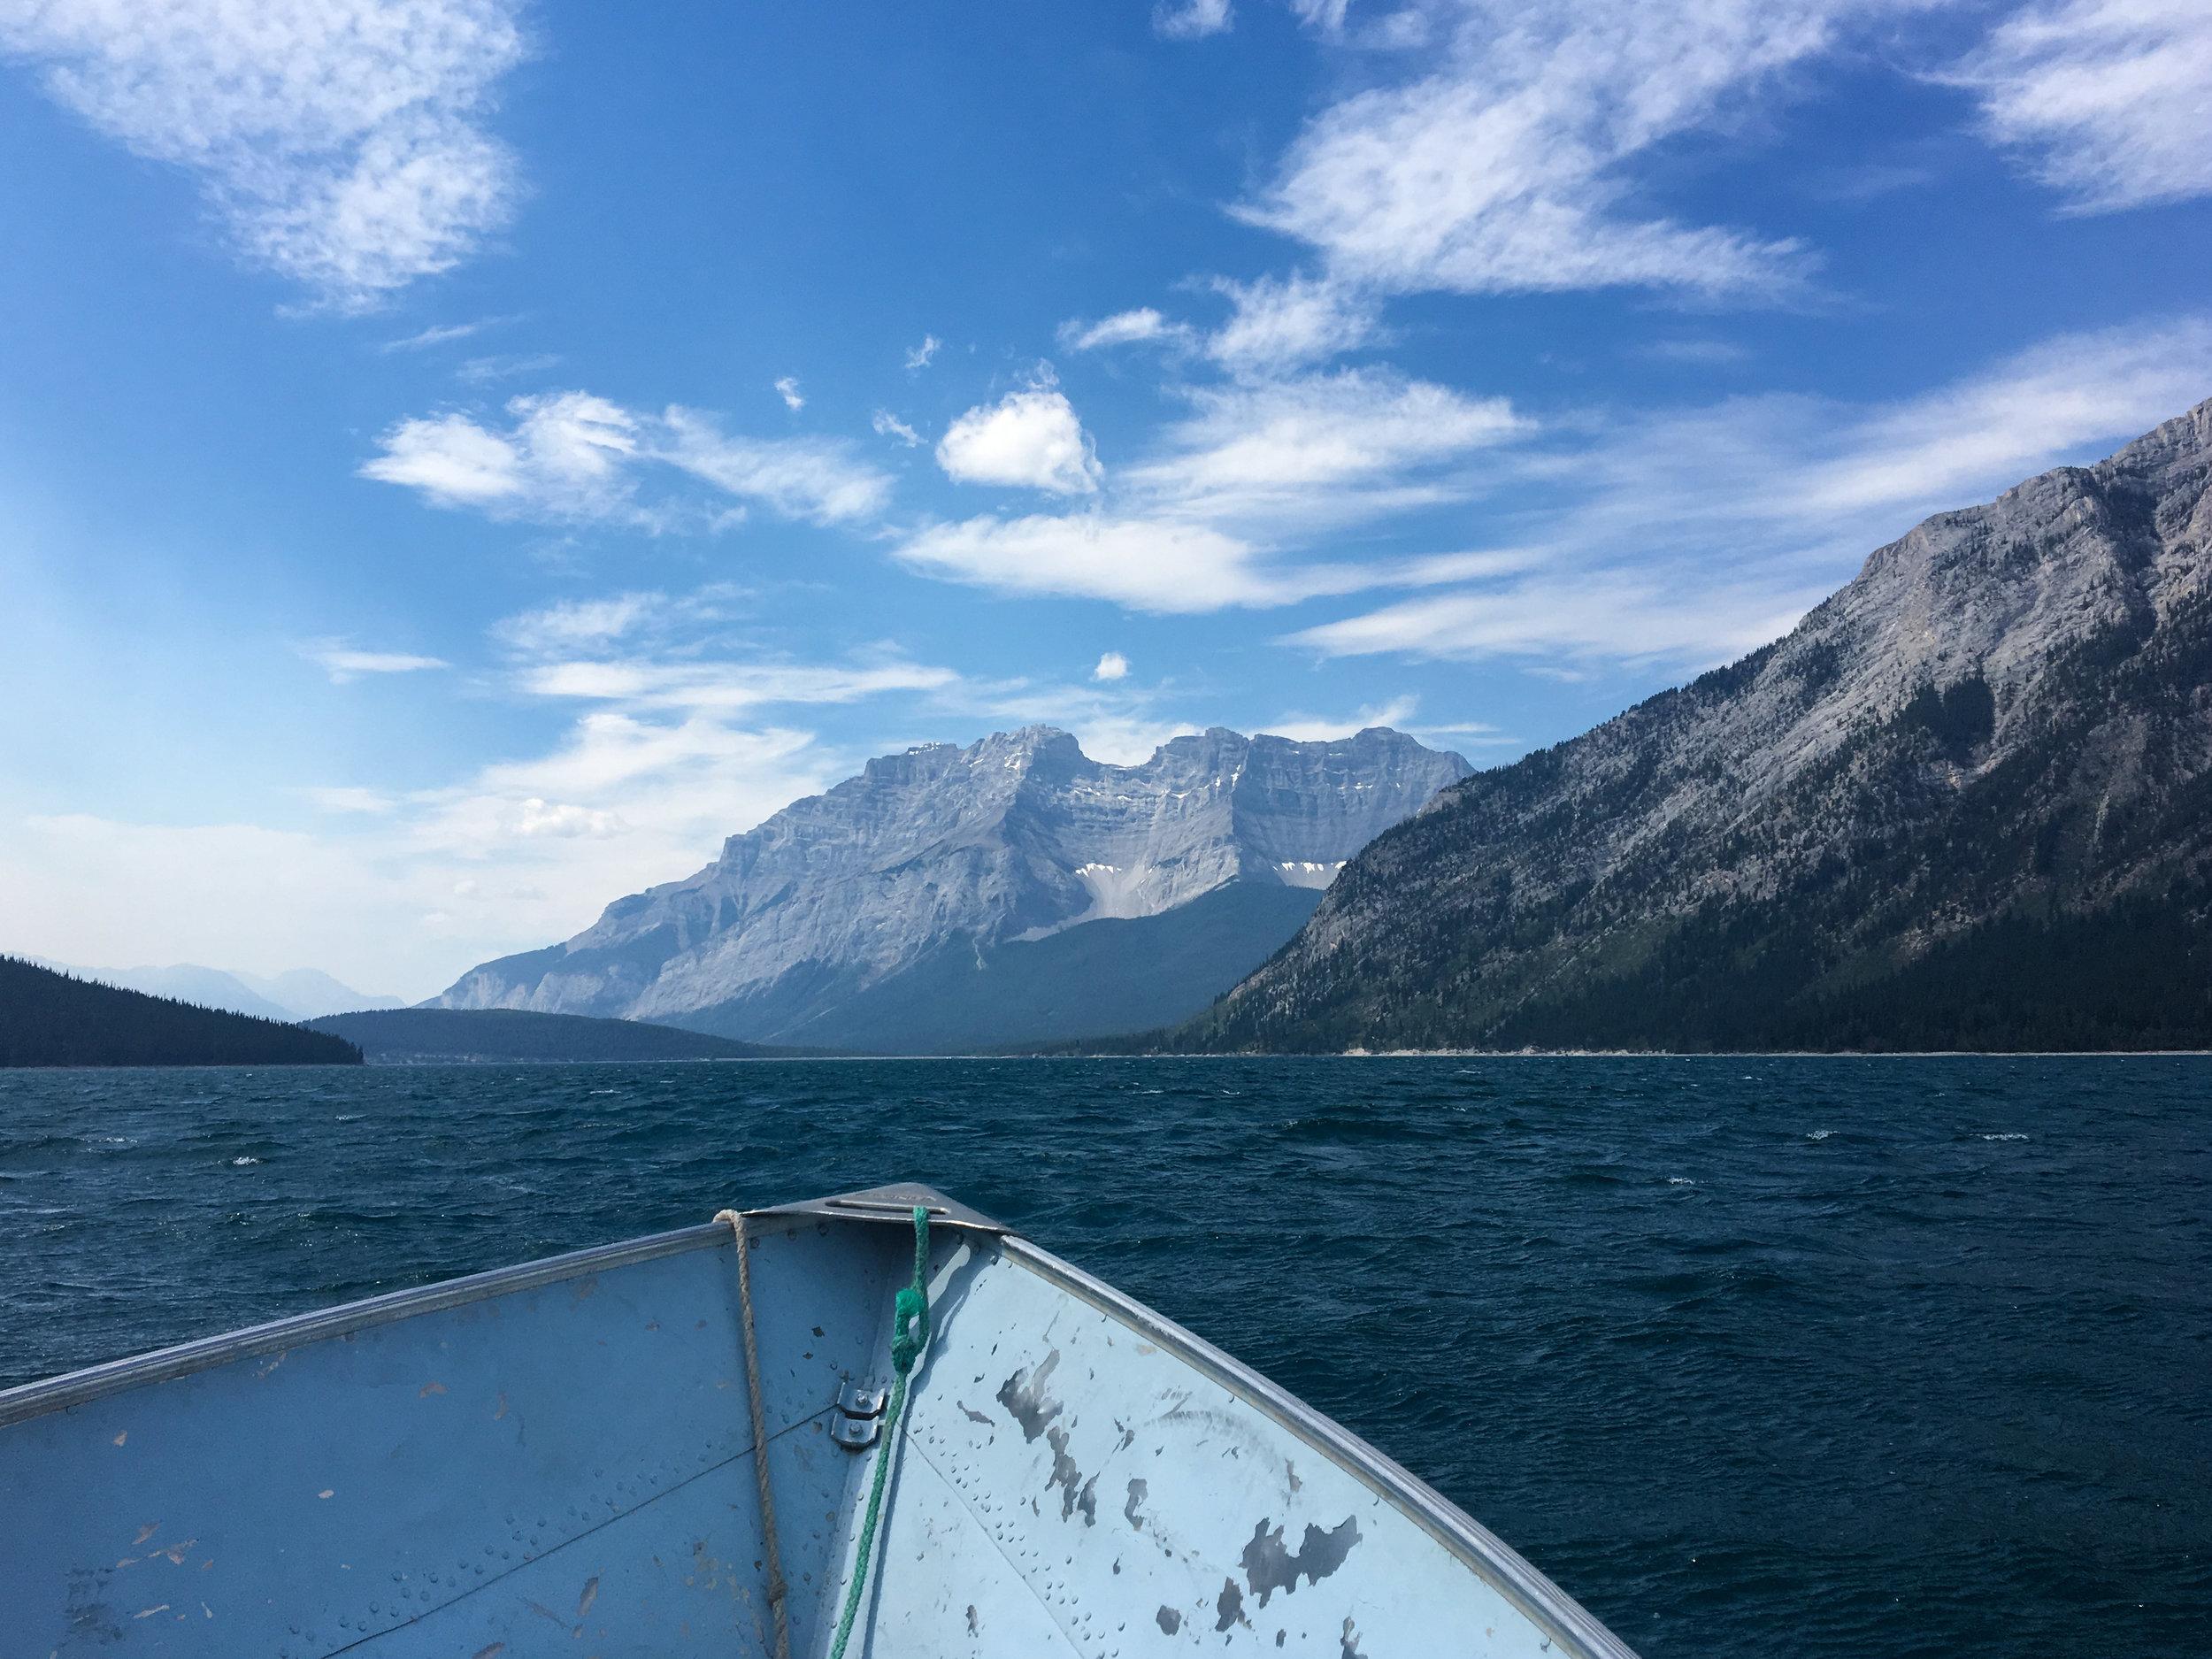 Lake Minnewanka Boating